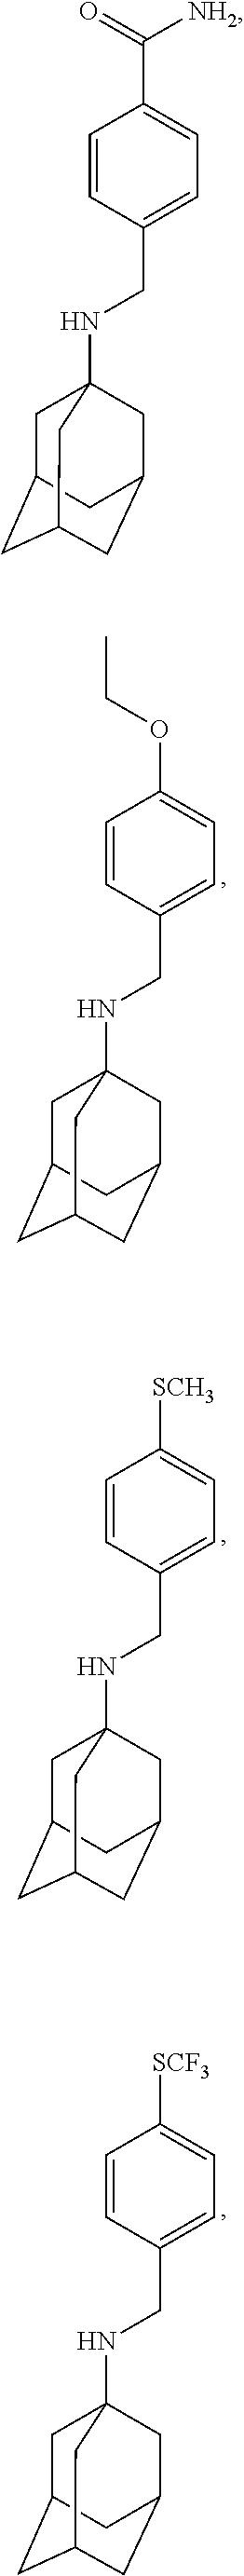 Figure US09884832-20180206-C00108